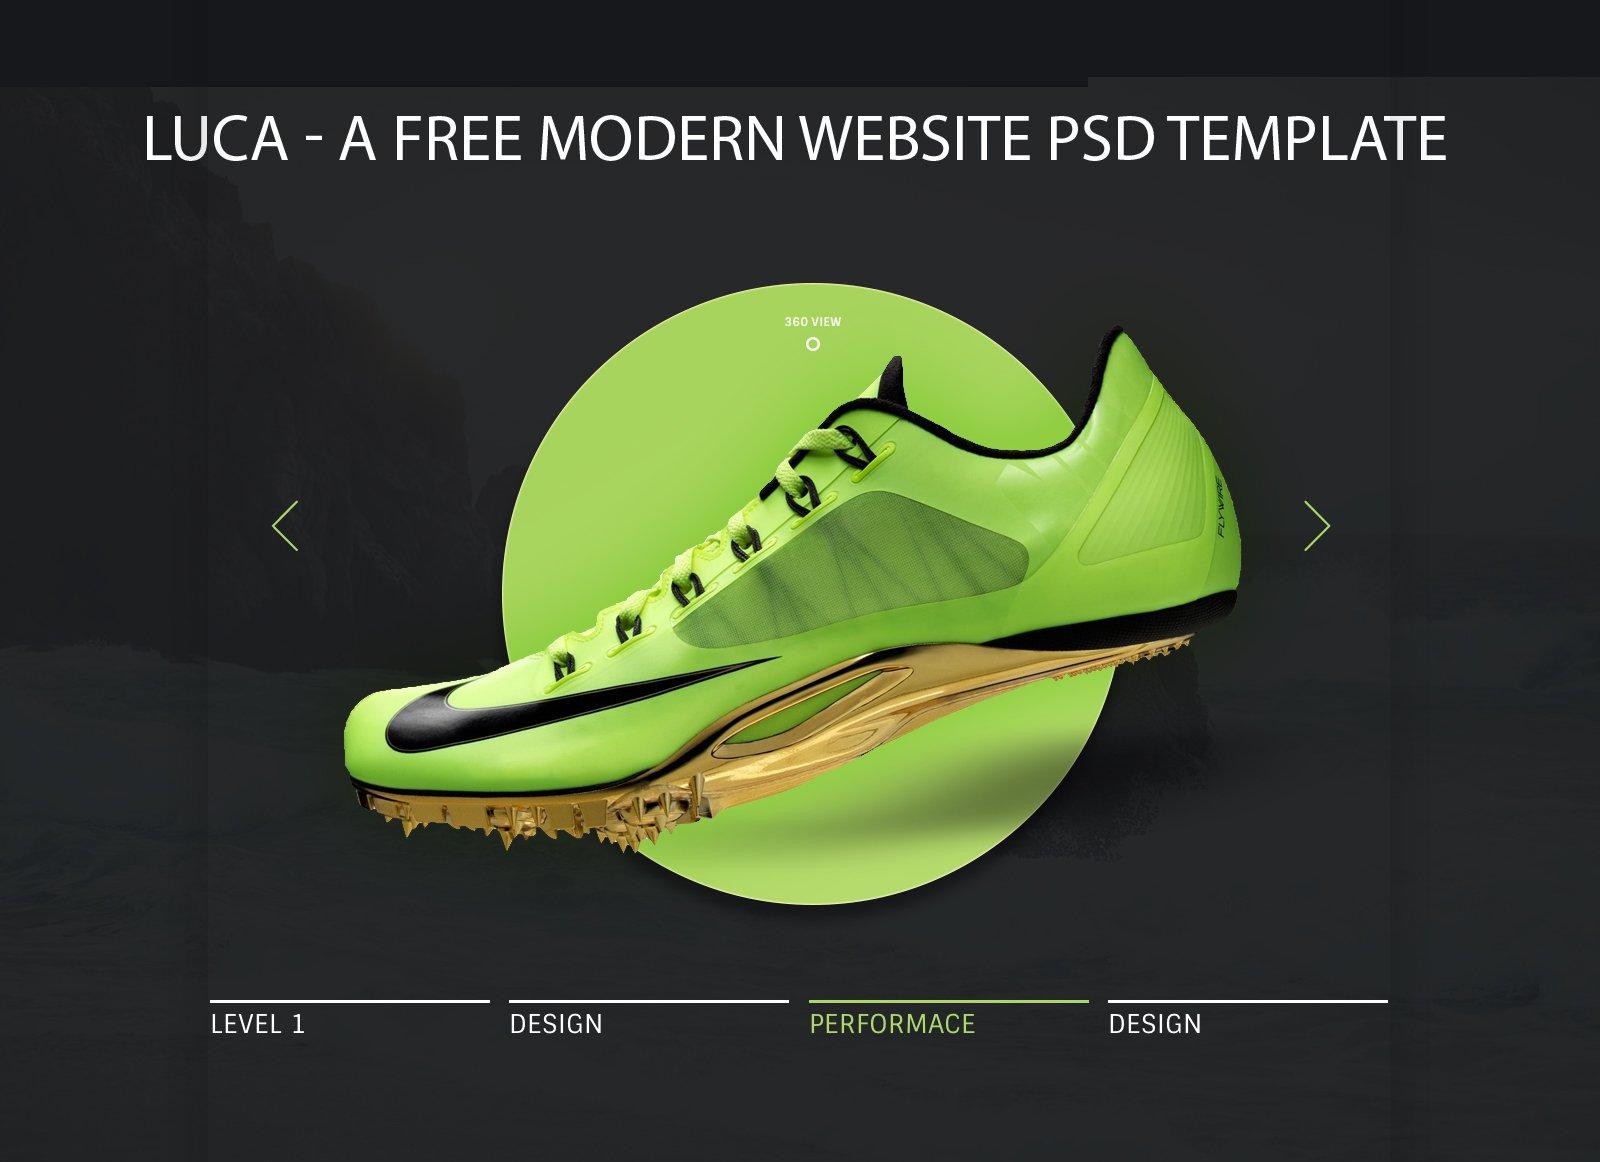 Luca - A free modern website PSD template скачать бесплатно